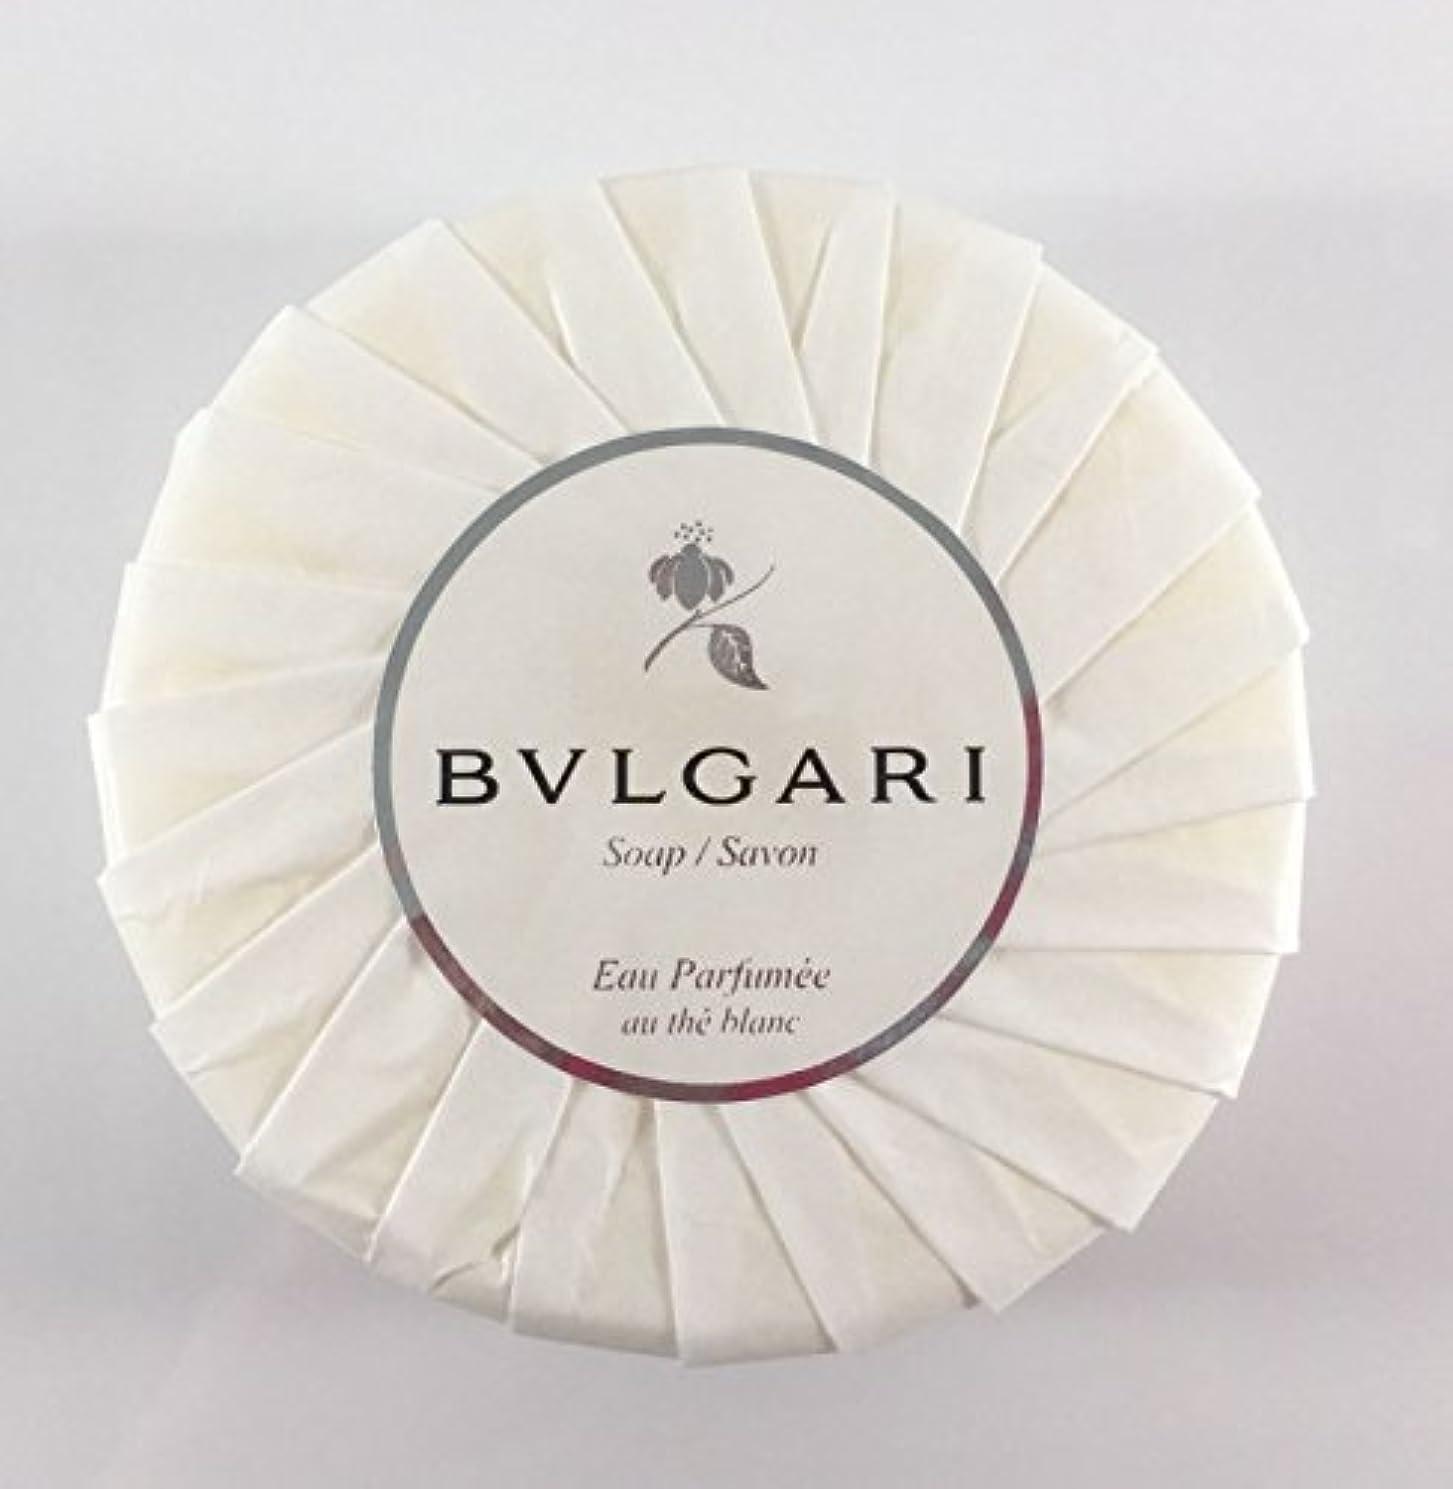 方法同種のドアブルガリ オ?パフメ オーテブラン デラックスソープ150g BVLGARI Bvlgari Eau Parfumee au the blanc White Soap